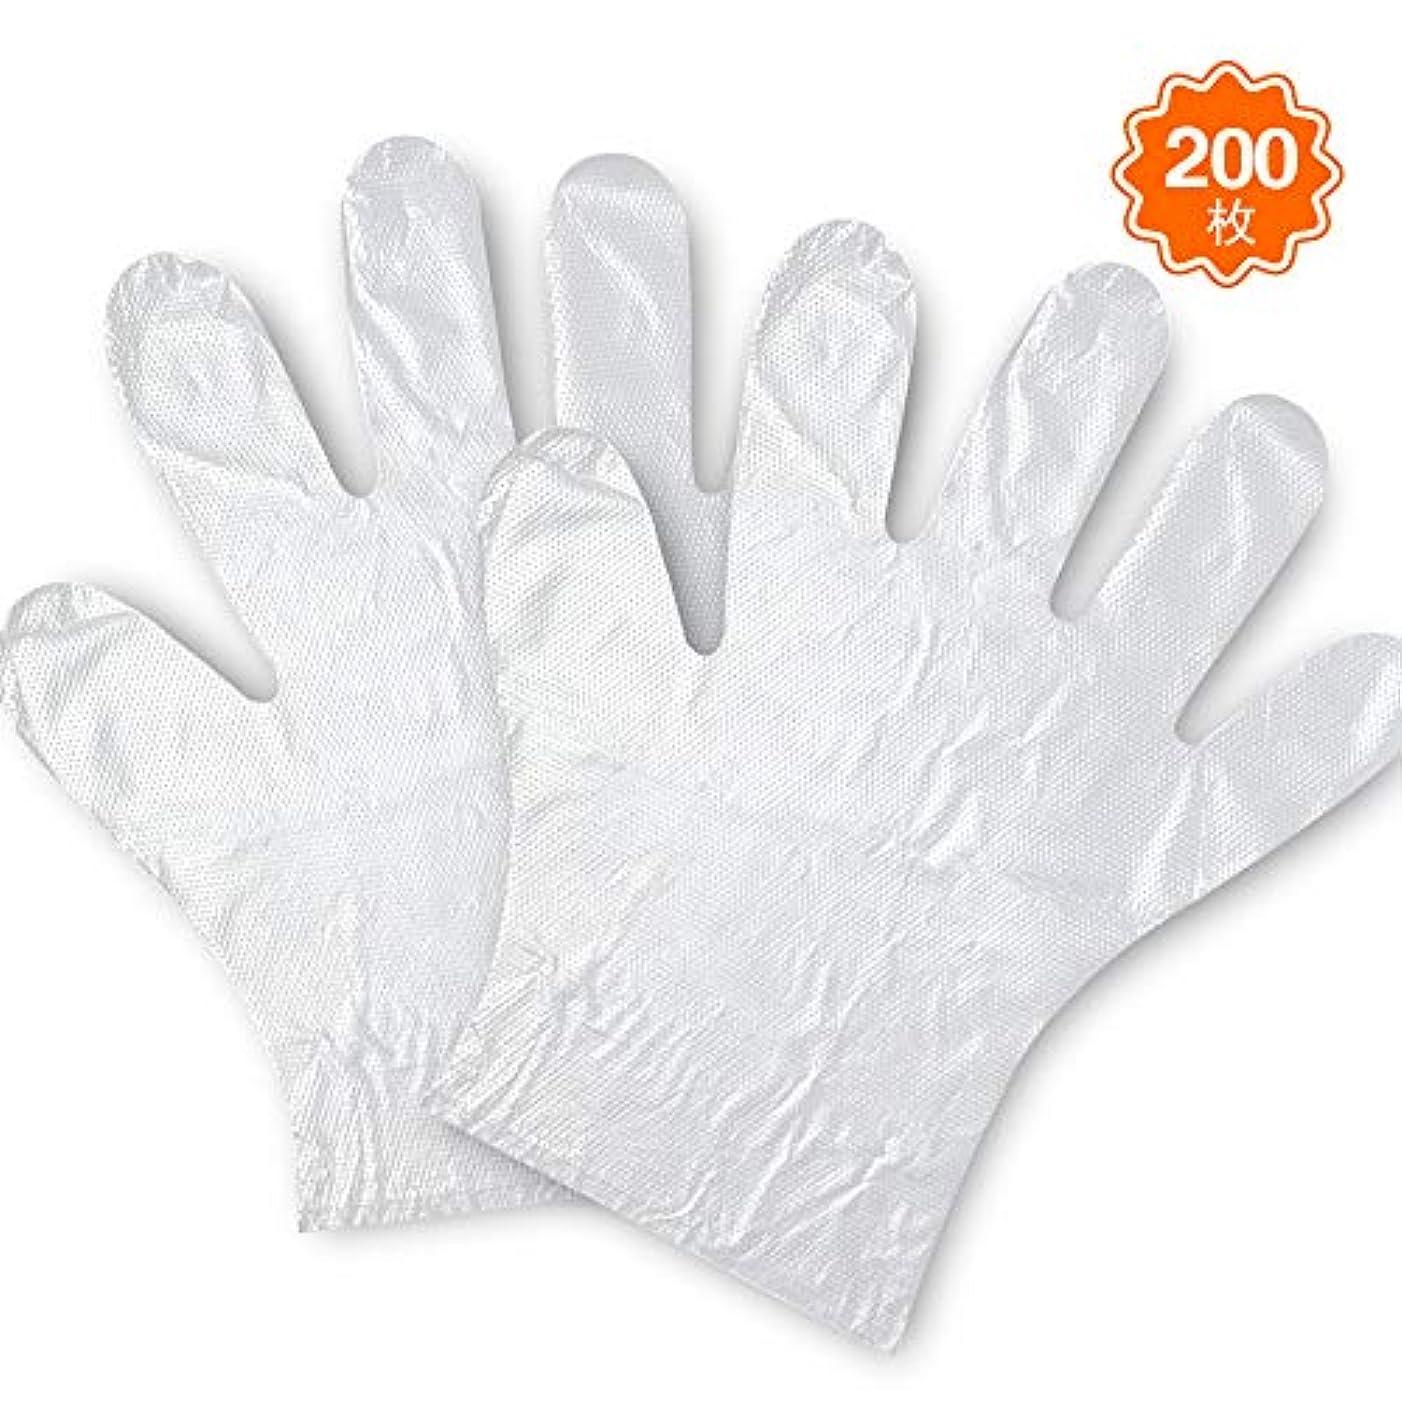 リンス神秘保持FanDaMei 使い捨てポリ手袋 200枚 使いきり手袋 ポリエチレン 使い捨て手袋 極薄手袋 調理に?お掃除に?毛染めに 食品衛生法適合